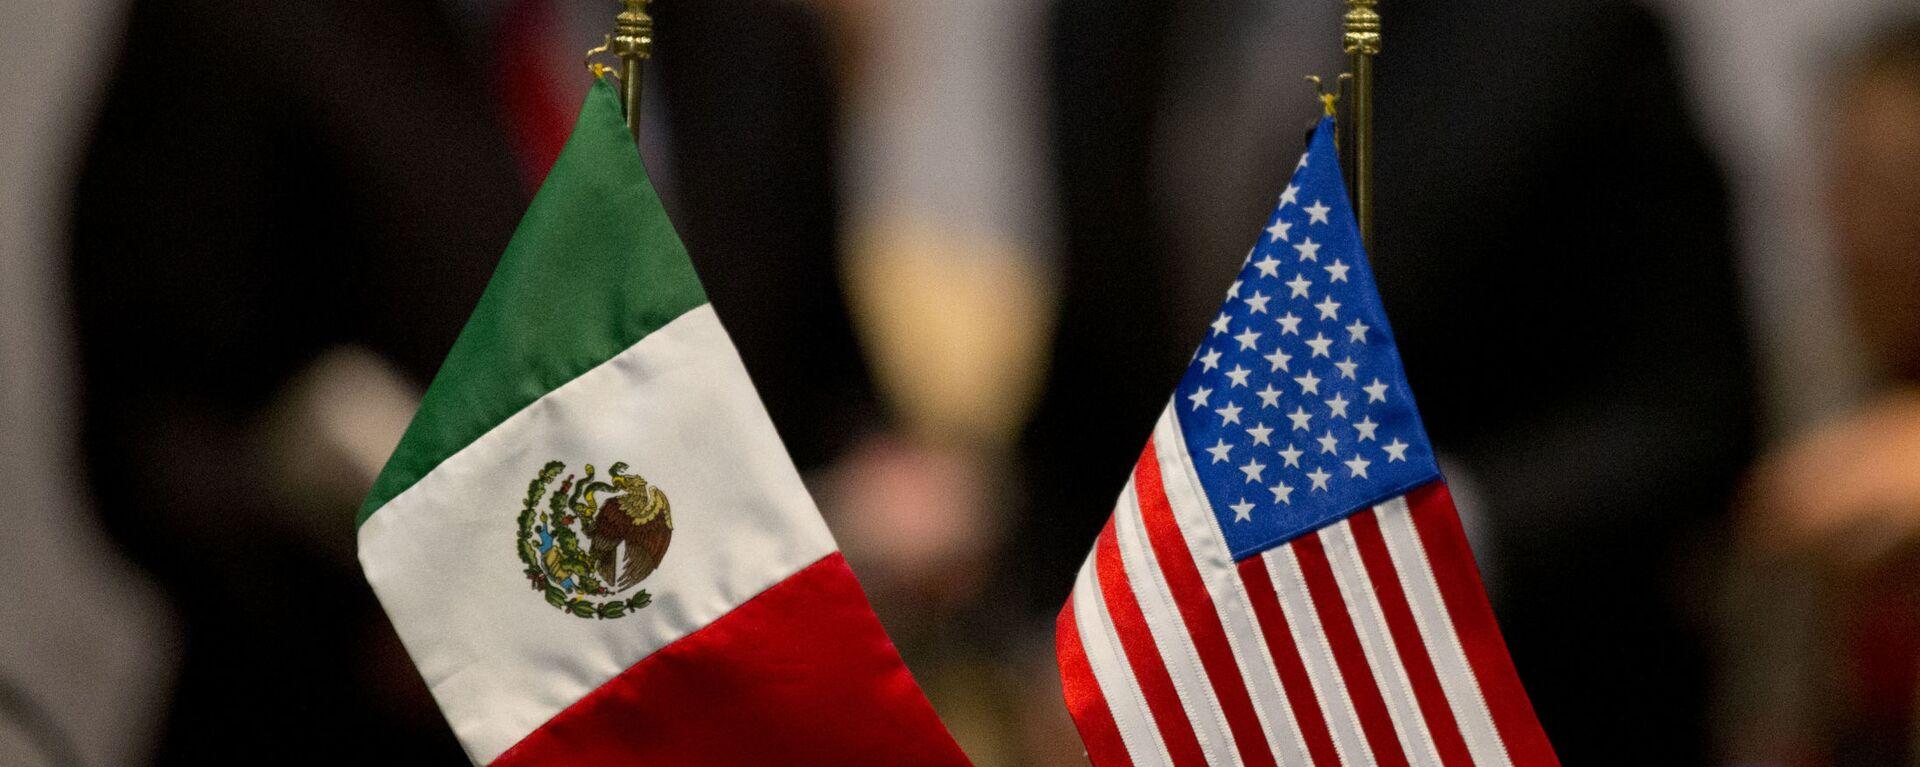 Banderas de México y EEUU - Sputnik Mundo, 1920, 15.12.2020